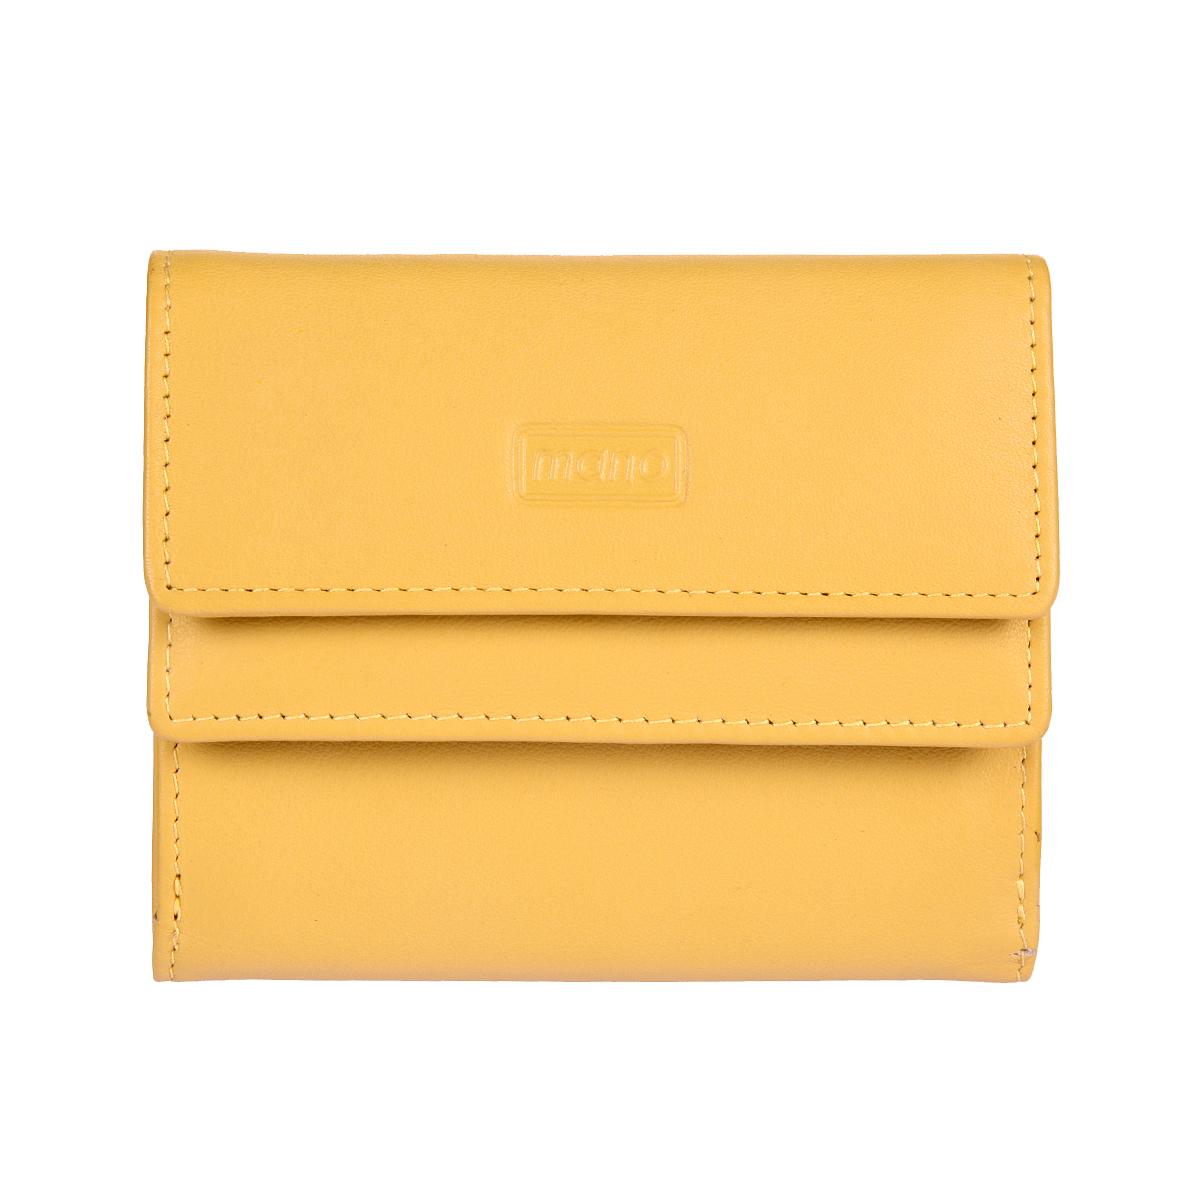 Кошелек женский Mano, цвет: желтый. 19006 SETRU yellow19006 SETRU yellowЗакрывается клапаном на кнопке внутри отделение для купюр четыре кармашка для пластиковых карт снаружи карман для мелочи на кнопке на нем кармашек для пластиковой карты